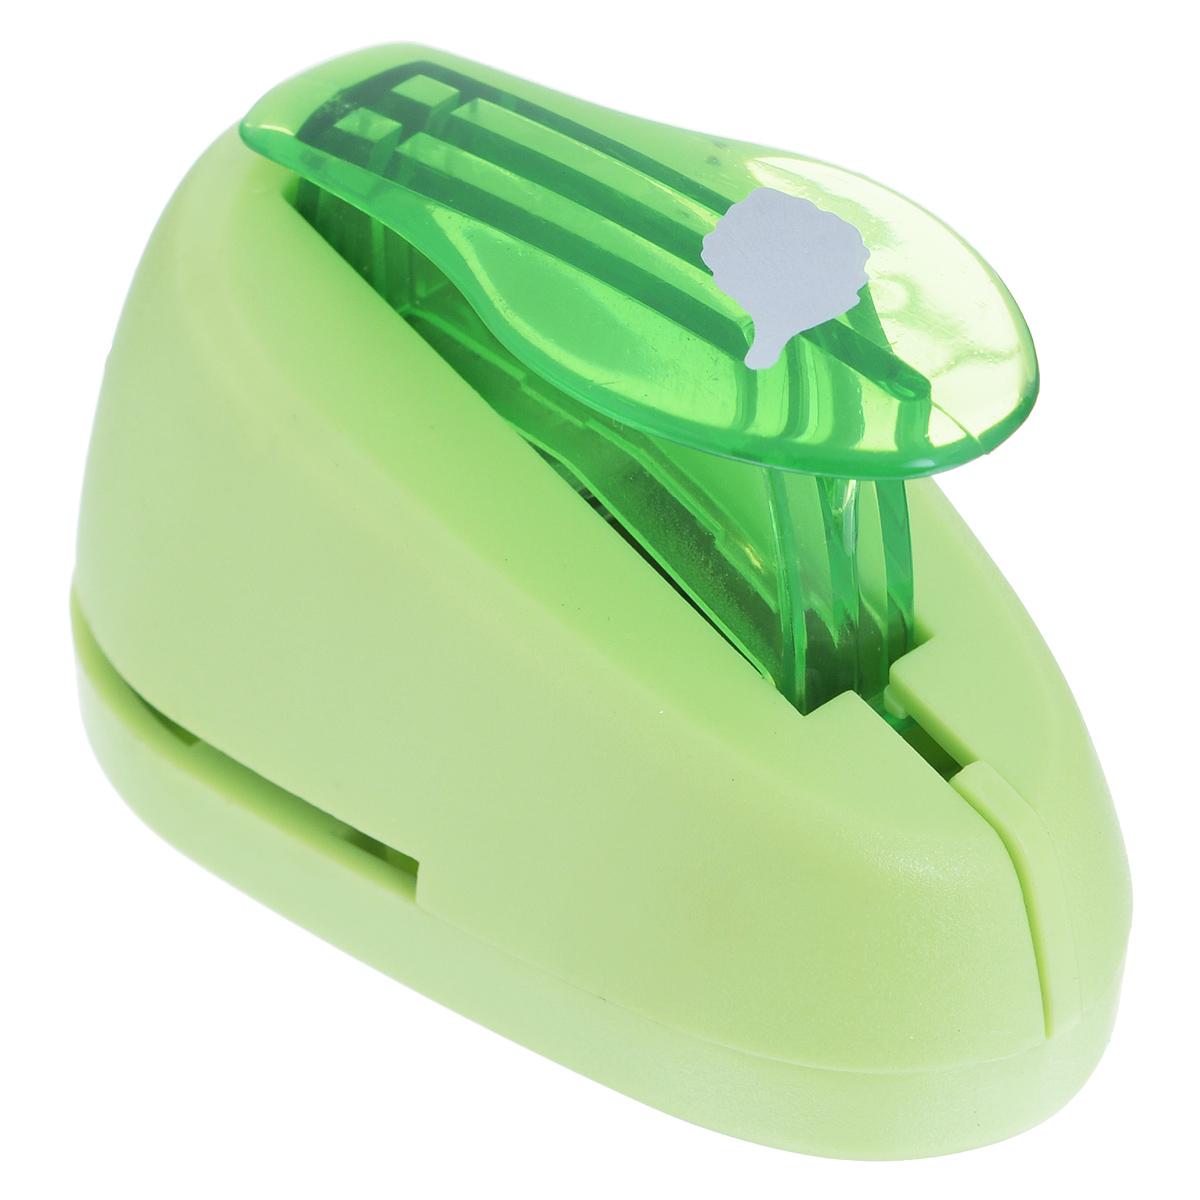 Дырокол фигурный Астра Листок. CD-99S7709603_62Дырокол Астра Листок поможет вам легко, просто и аккуратно вырезать много одинаковых мелких фигурок. Режущие части компостера закрыты пластмассовым корпусом, что обеспечивает безопасность для детей.Можно использовать вырезанные мотивы как конфетти или для наклеивания.Дырокол подходит для разных техник: декупажа, скрапбукинга, декорирования.Размер дырокола: 7 см х 4 см х 5 см. Размер готовой фигурки: 1,5 см х 0,7 см.